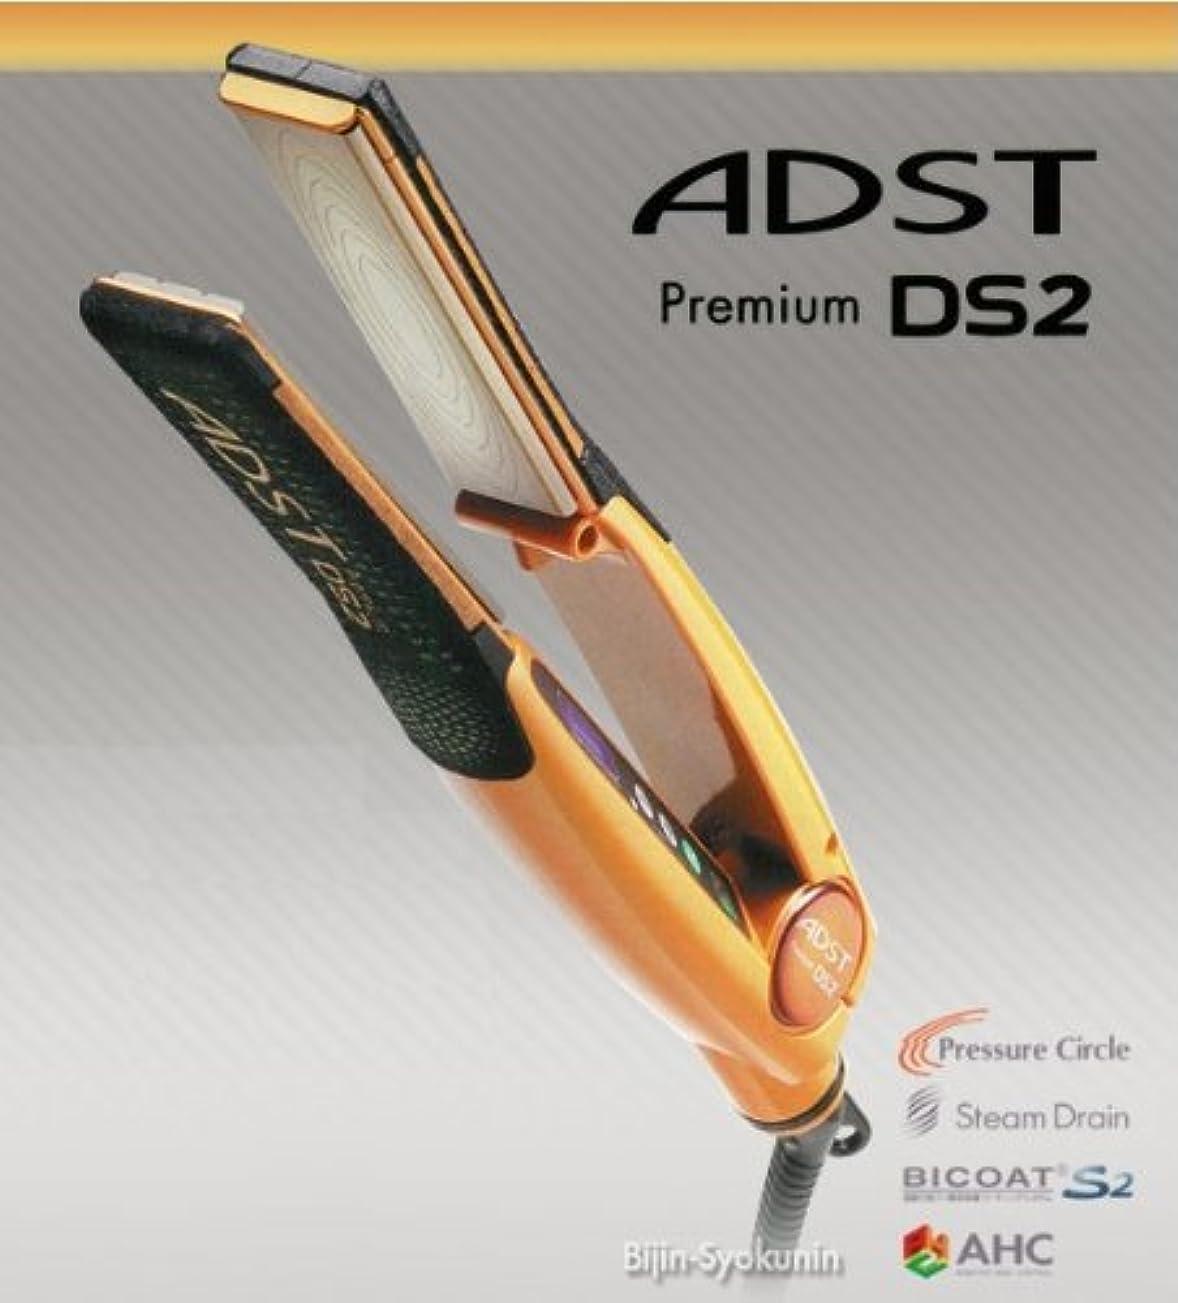 コンベンションポンプロックADST Premium DS2 アドスト プレミアム DS2 ストレートアイロン